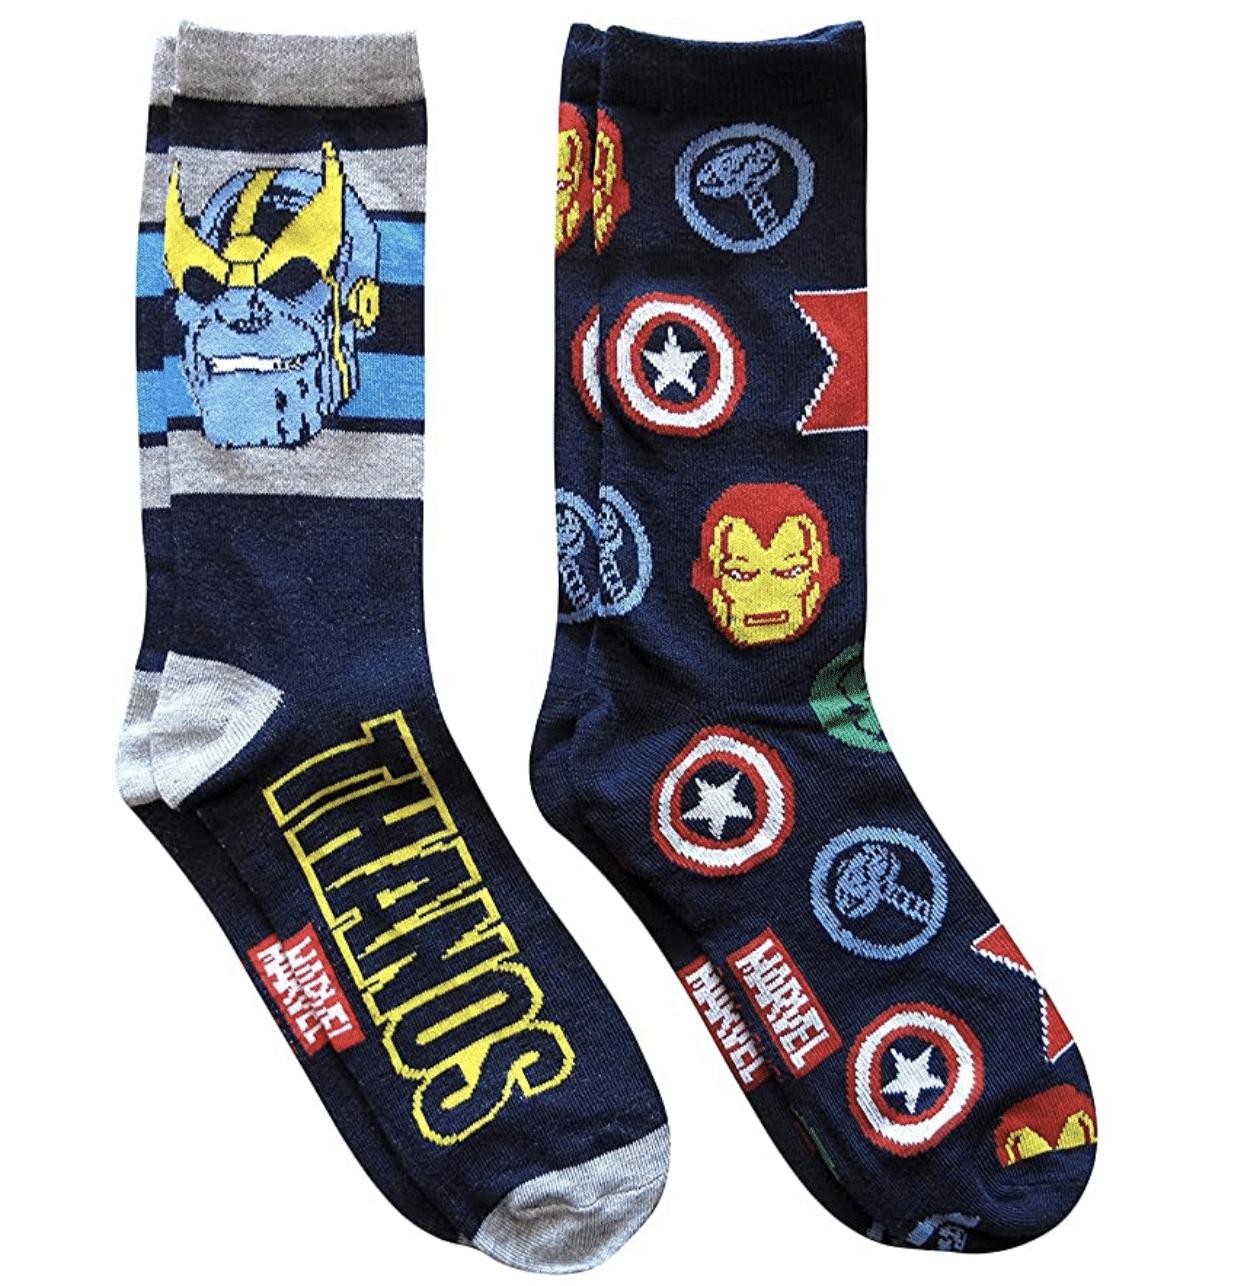 stocking-stuffer-ideas-for-kids-marvel-socks